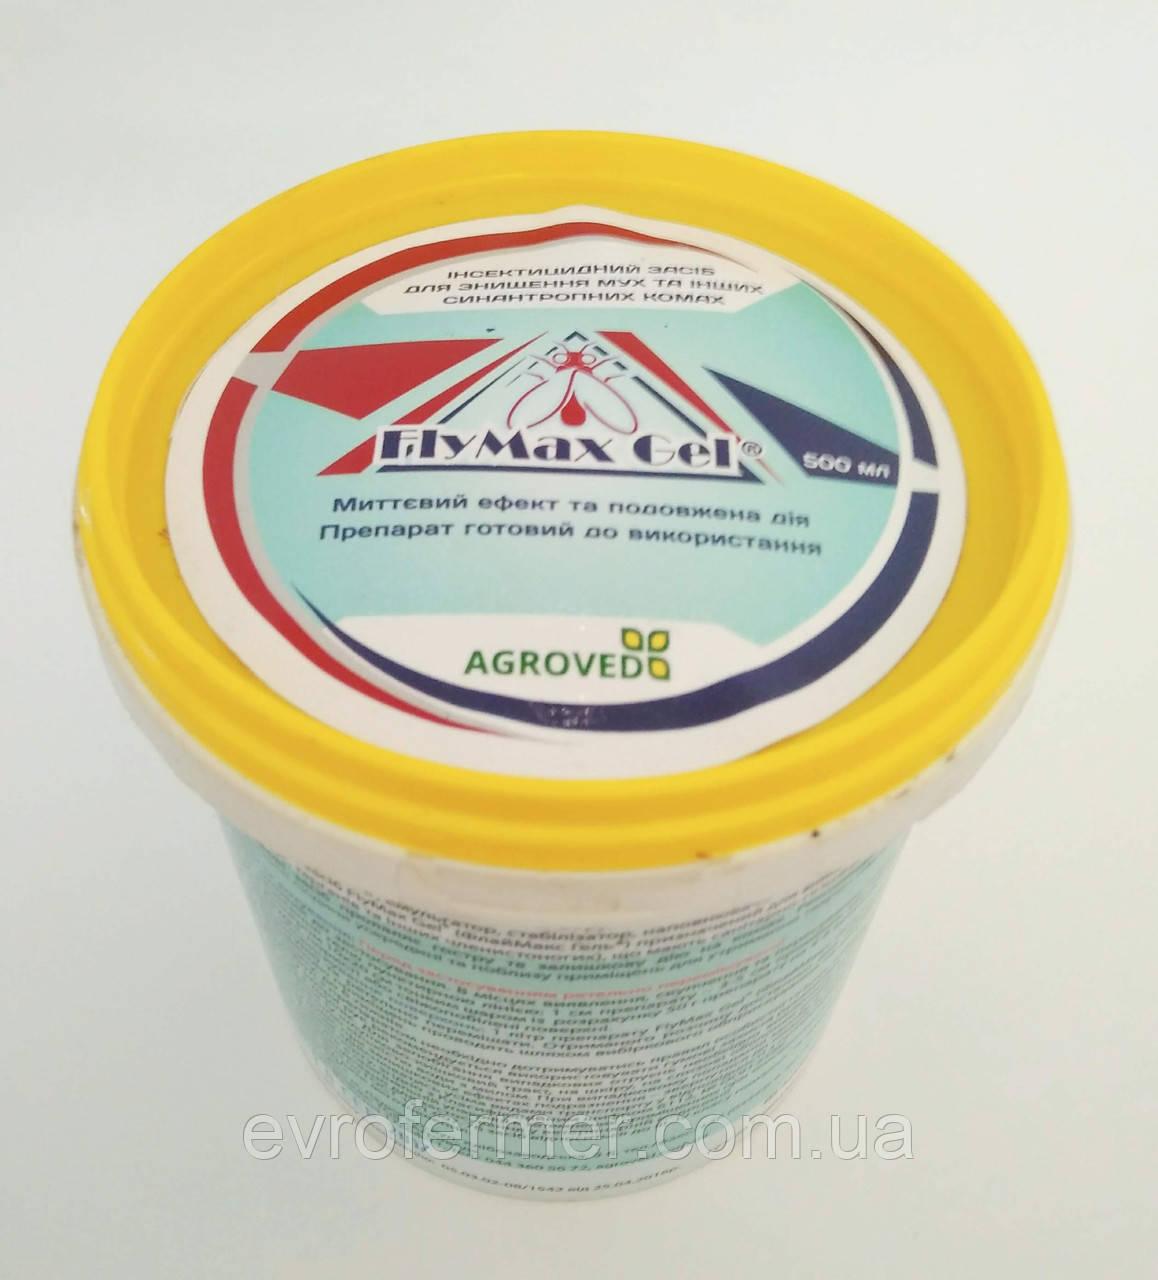 Инсектицидный гель против мух FlyMax Gel